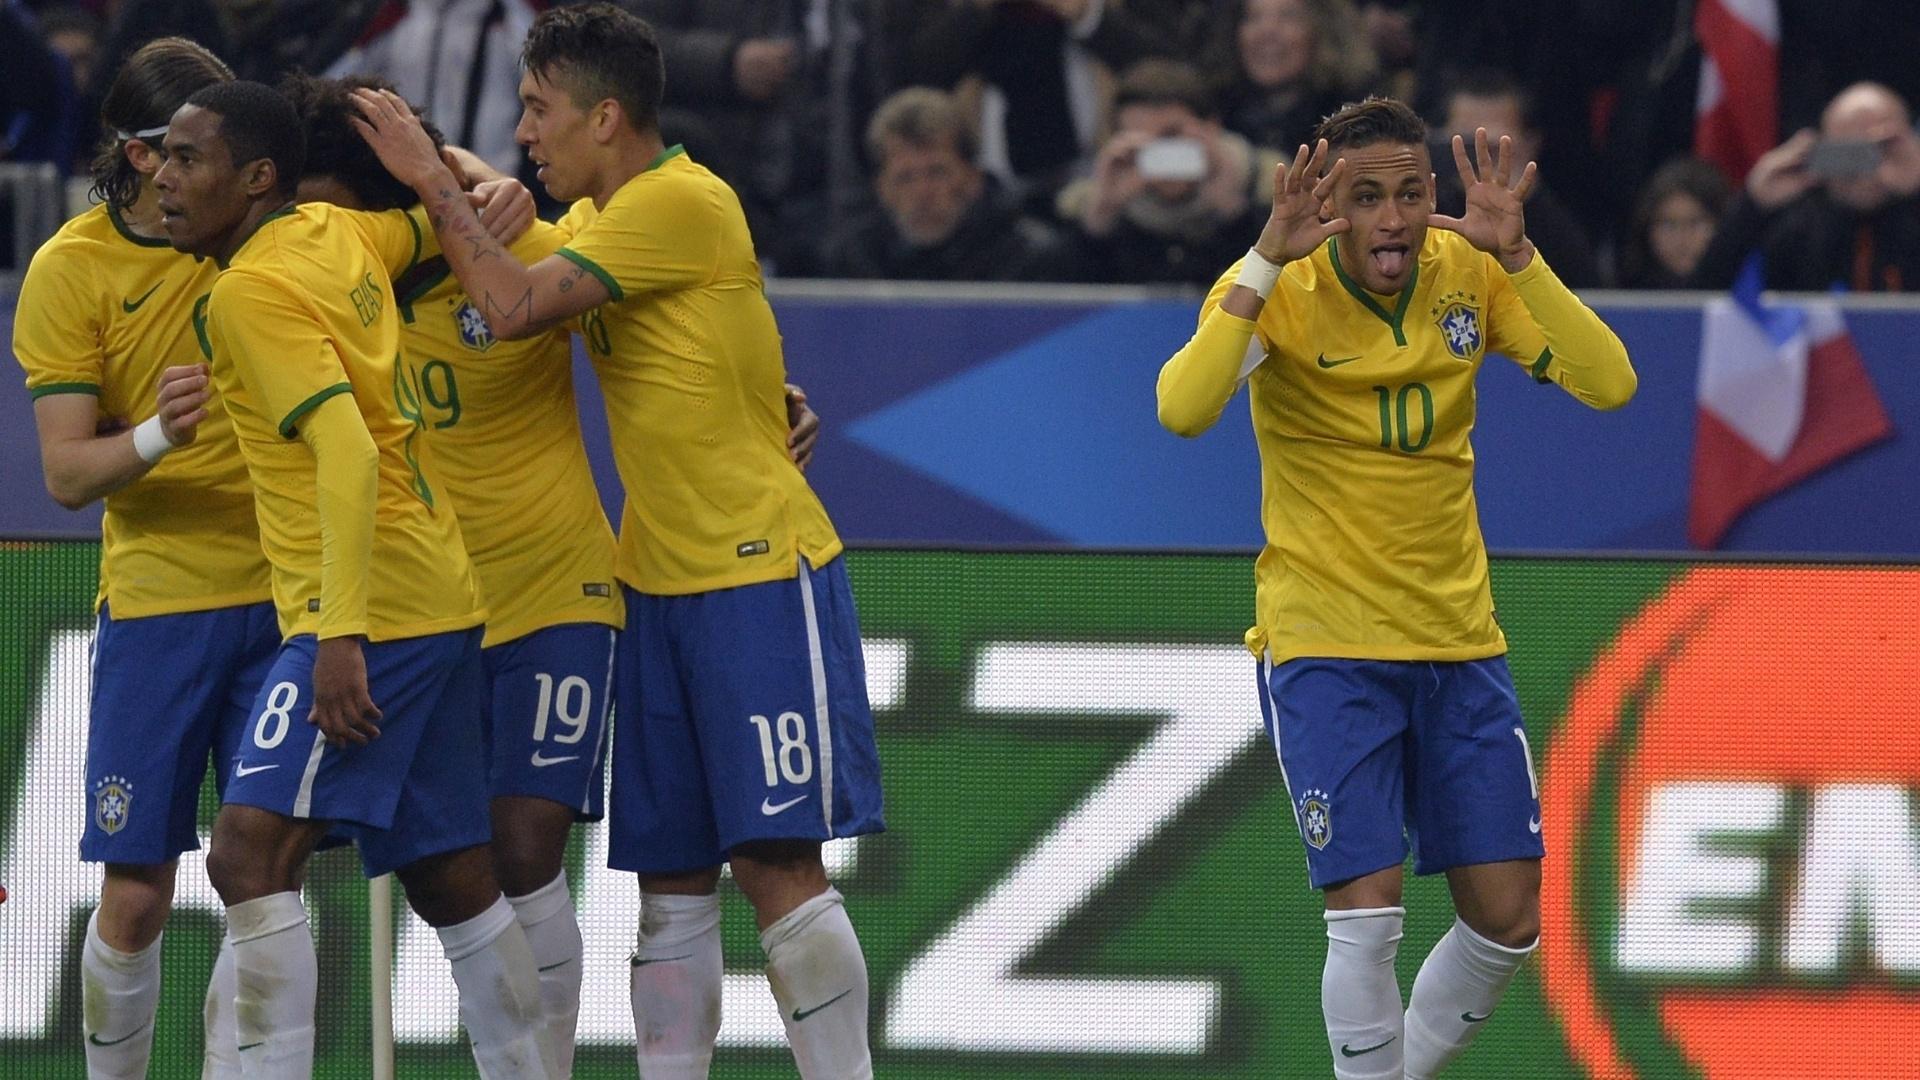 Neymar comemora gol marcado no amistoso entre Brasil e França, no Stade de France